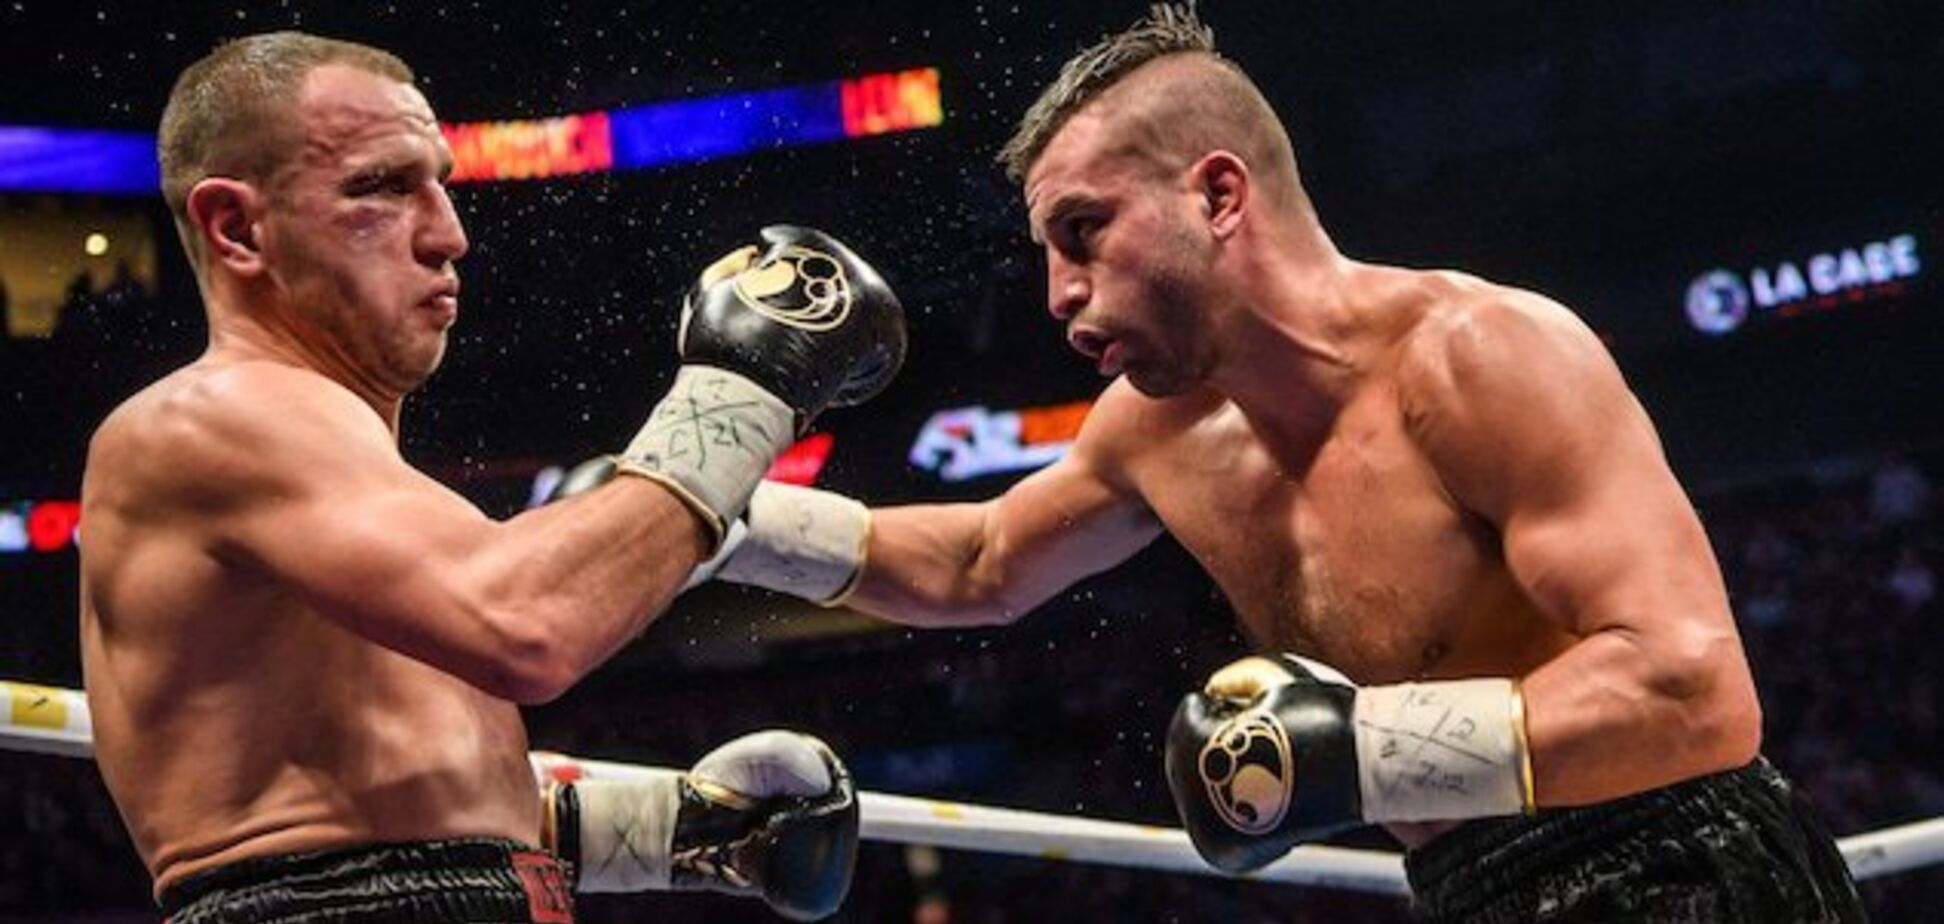 Український боксер зі скандалом програв бій, відправивши суперника двічі в нокдаун